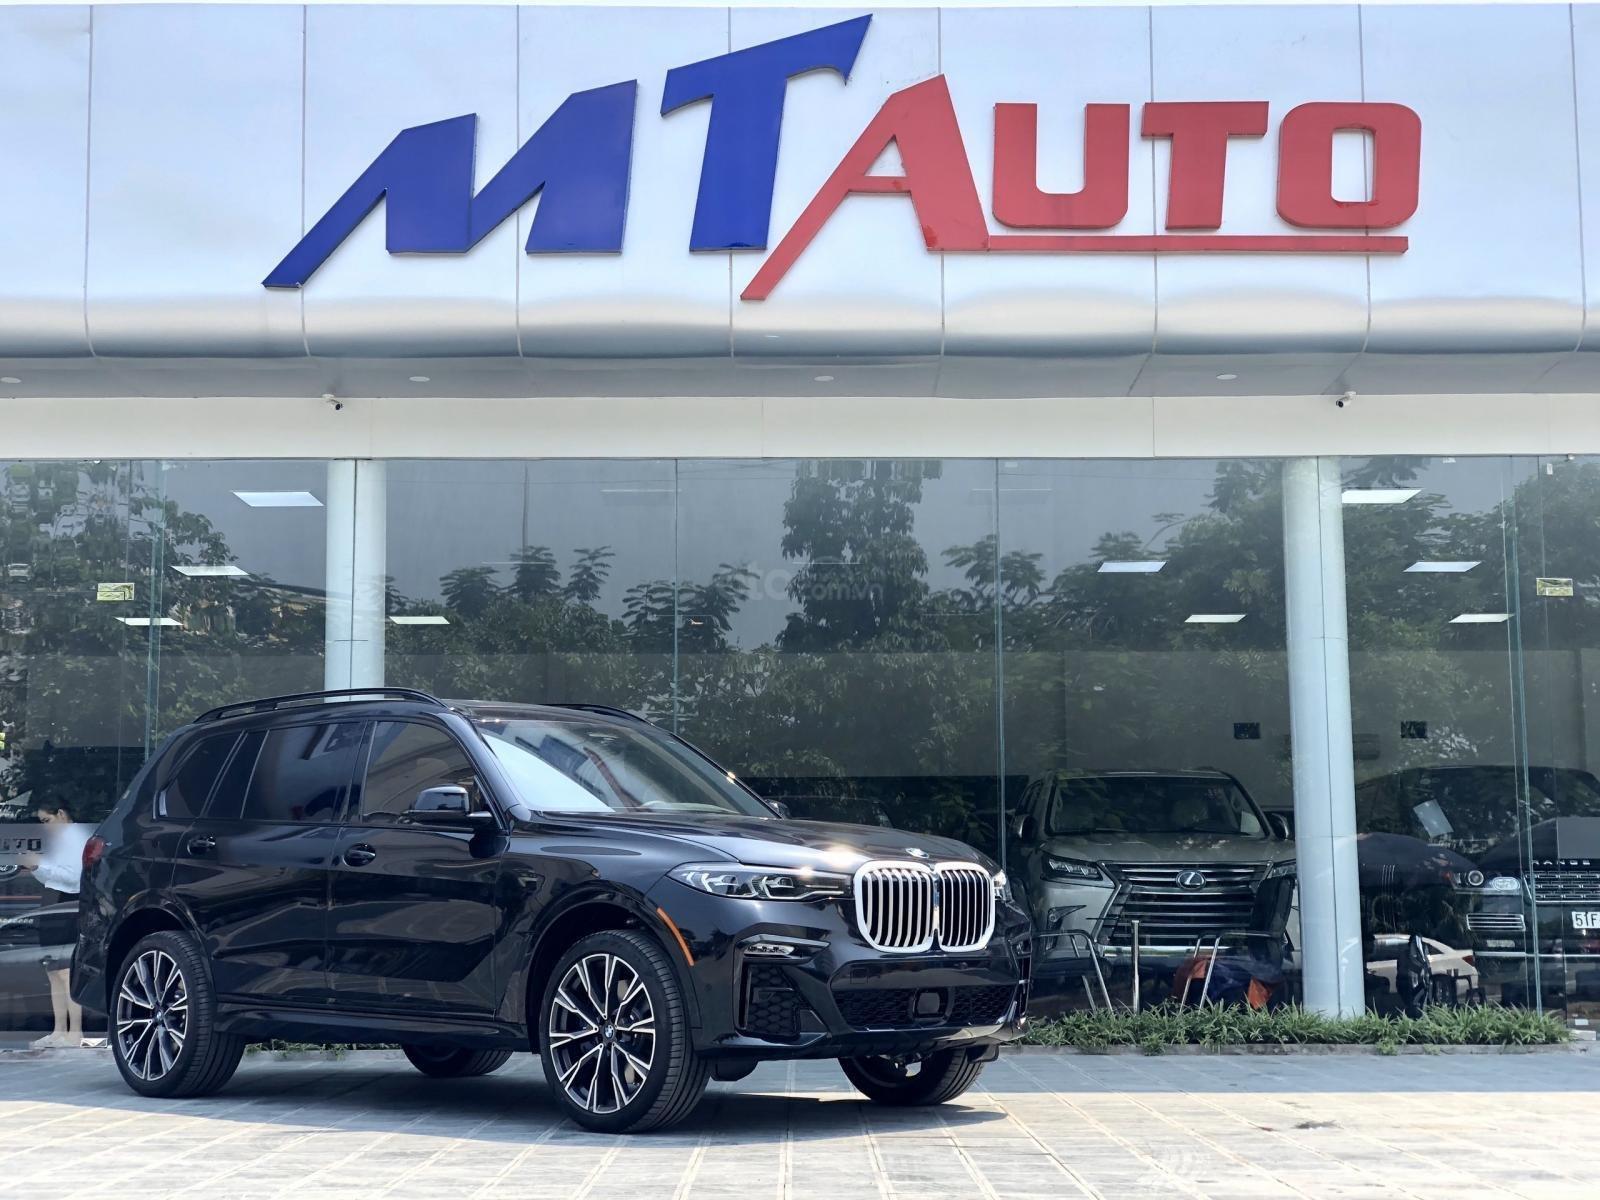 Bán BMW X7 xDrive 40i đời 2020, nhập Mỹ, LH Ms Hương giao ngay toàn quốc, giá tốt (3)